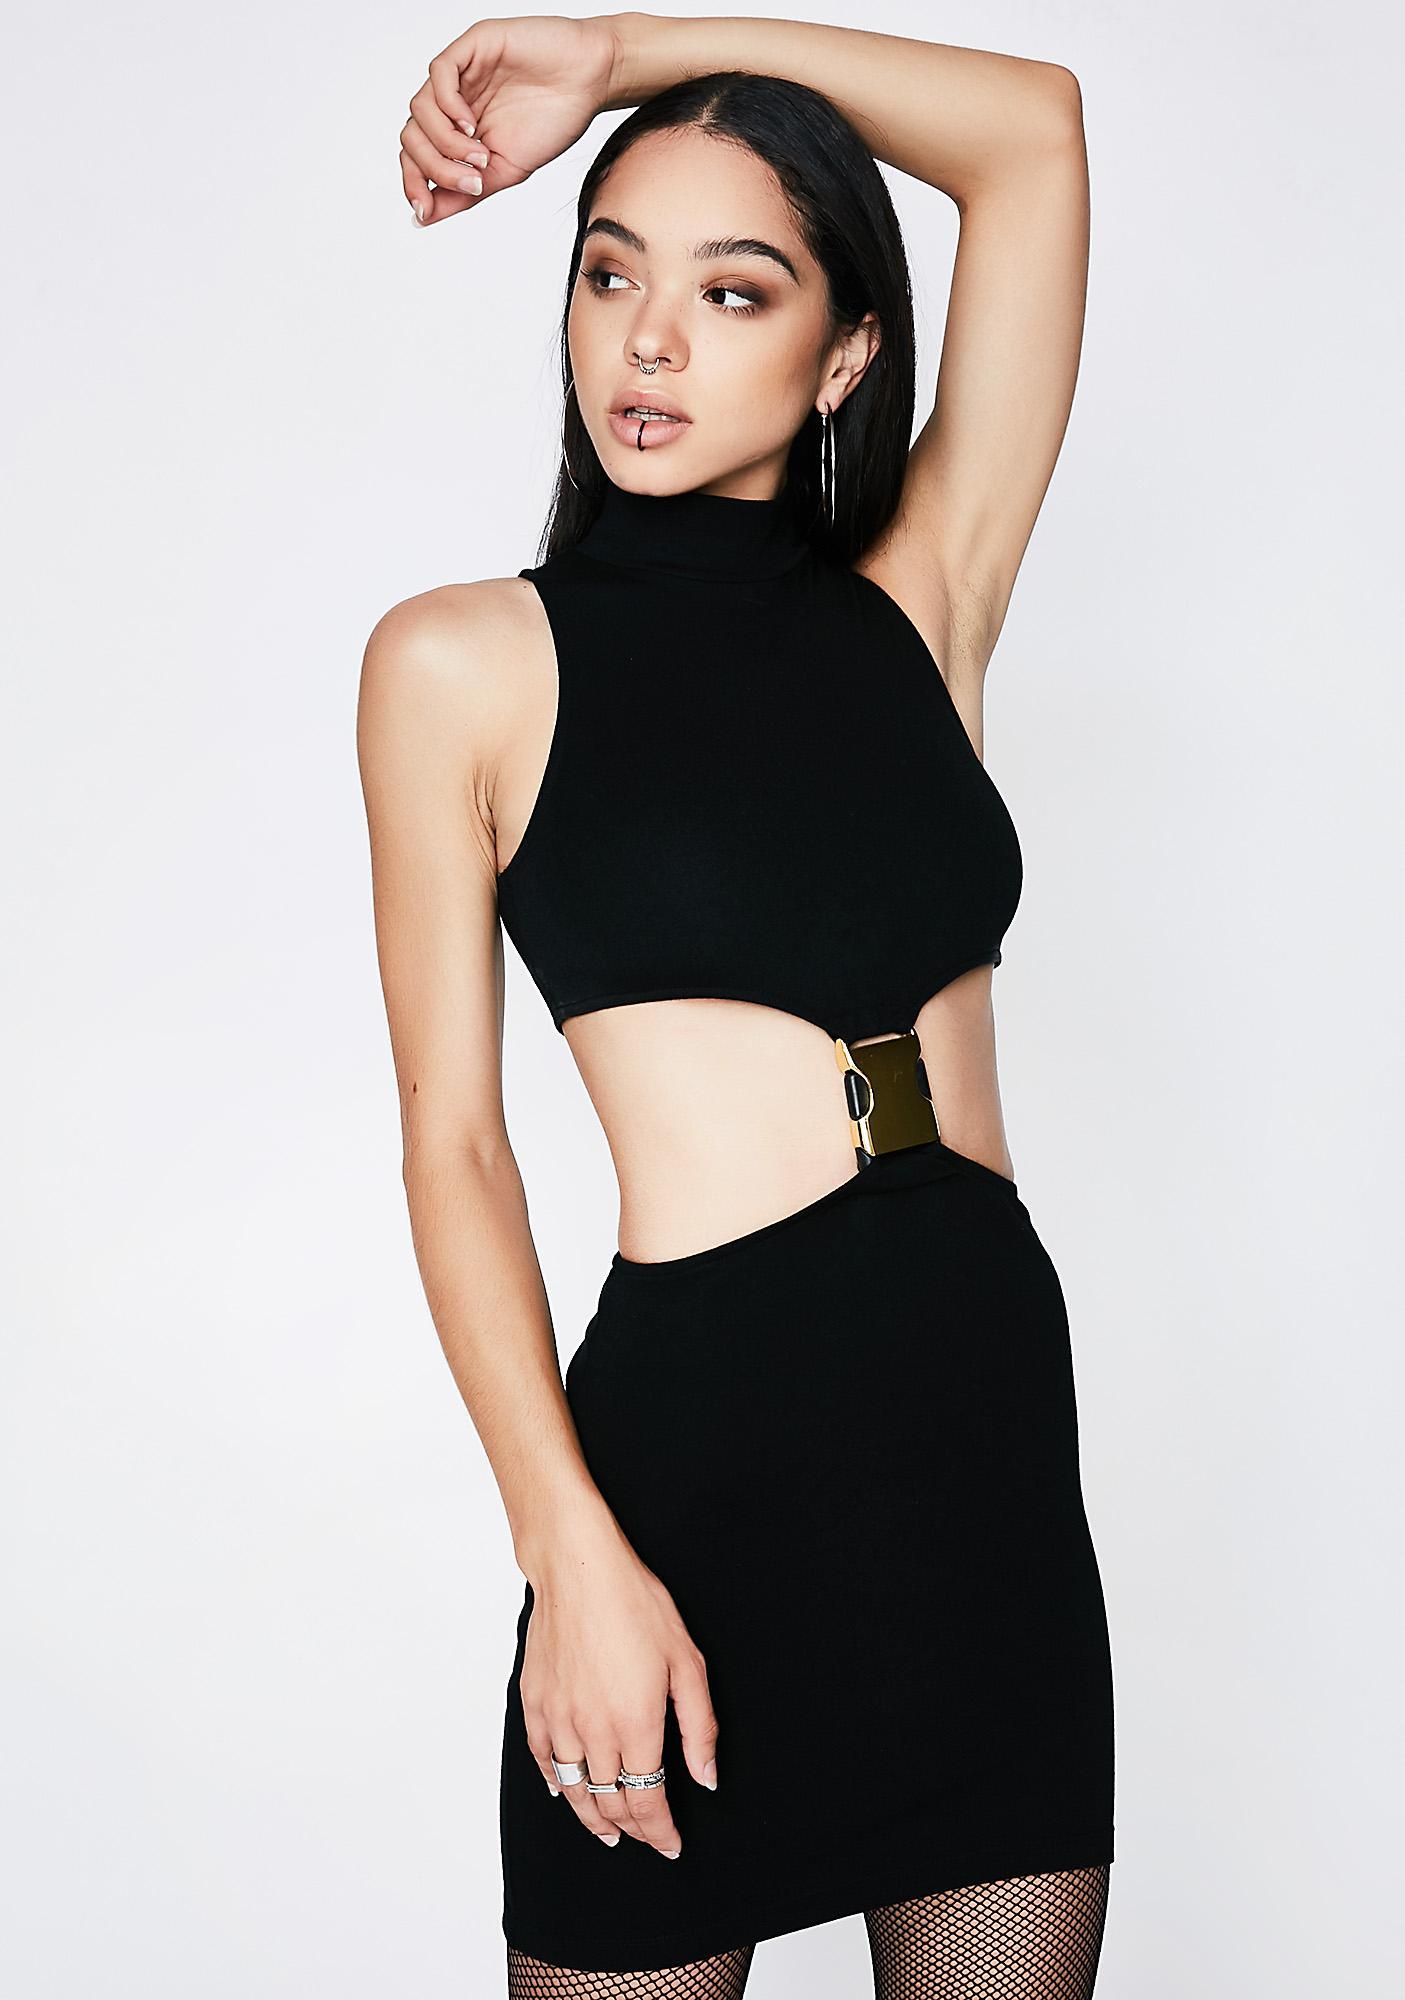 Poster Grl Safety Firzt Cutout Dress